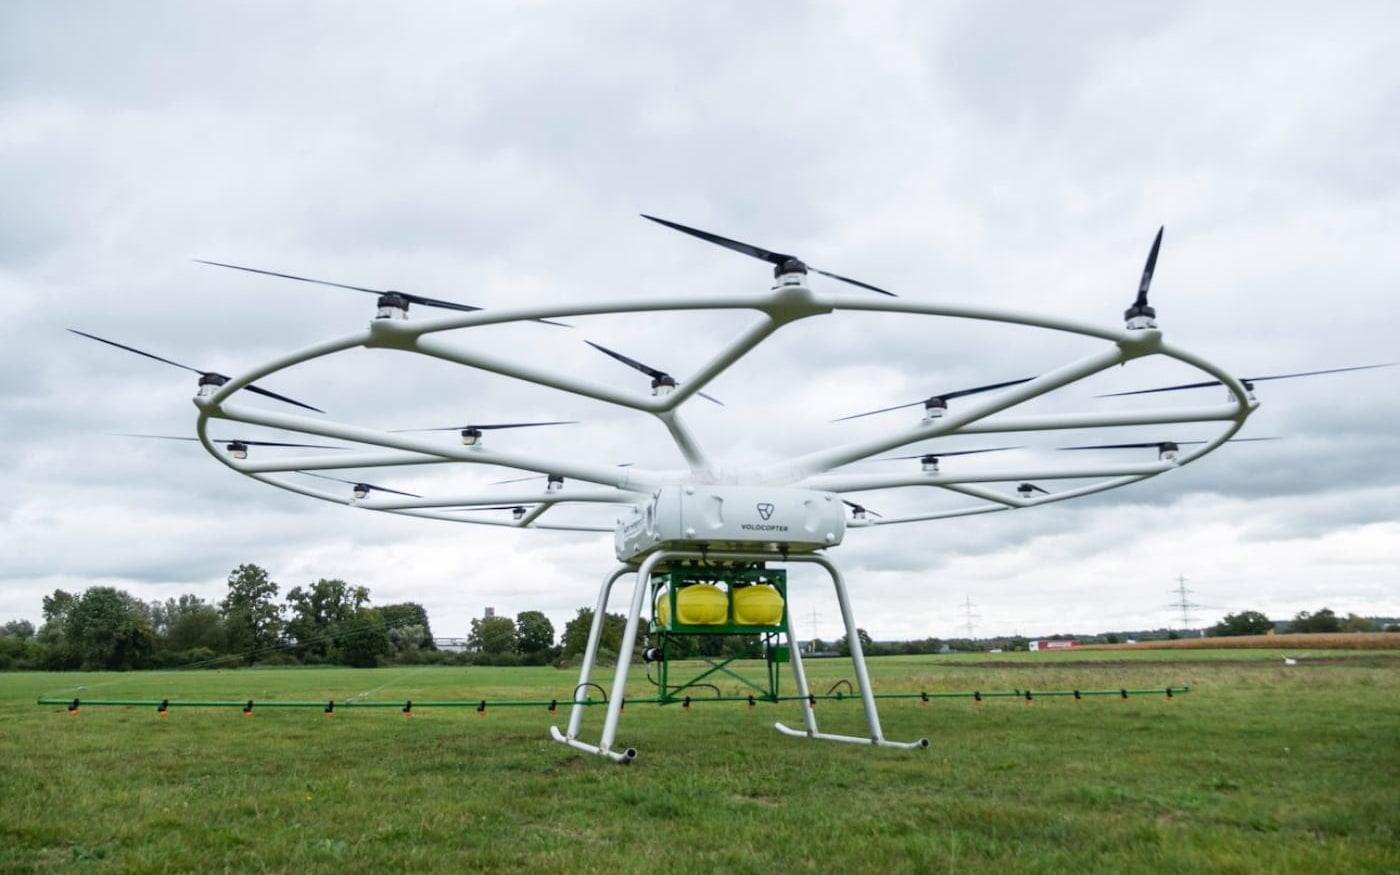 Volocopter e John Deere criam drone agrícola autônomo para pulverização de plantações